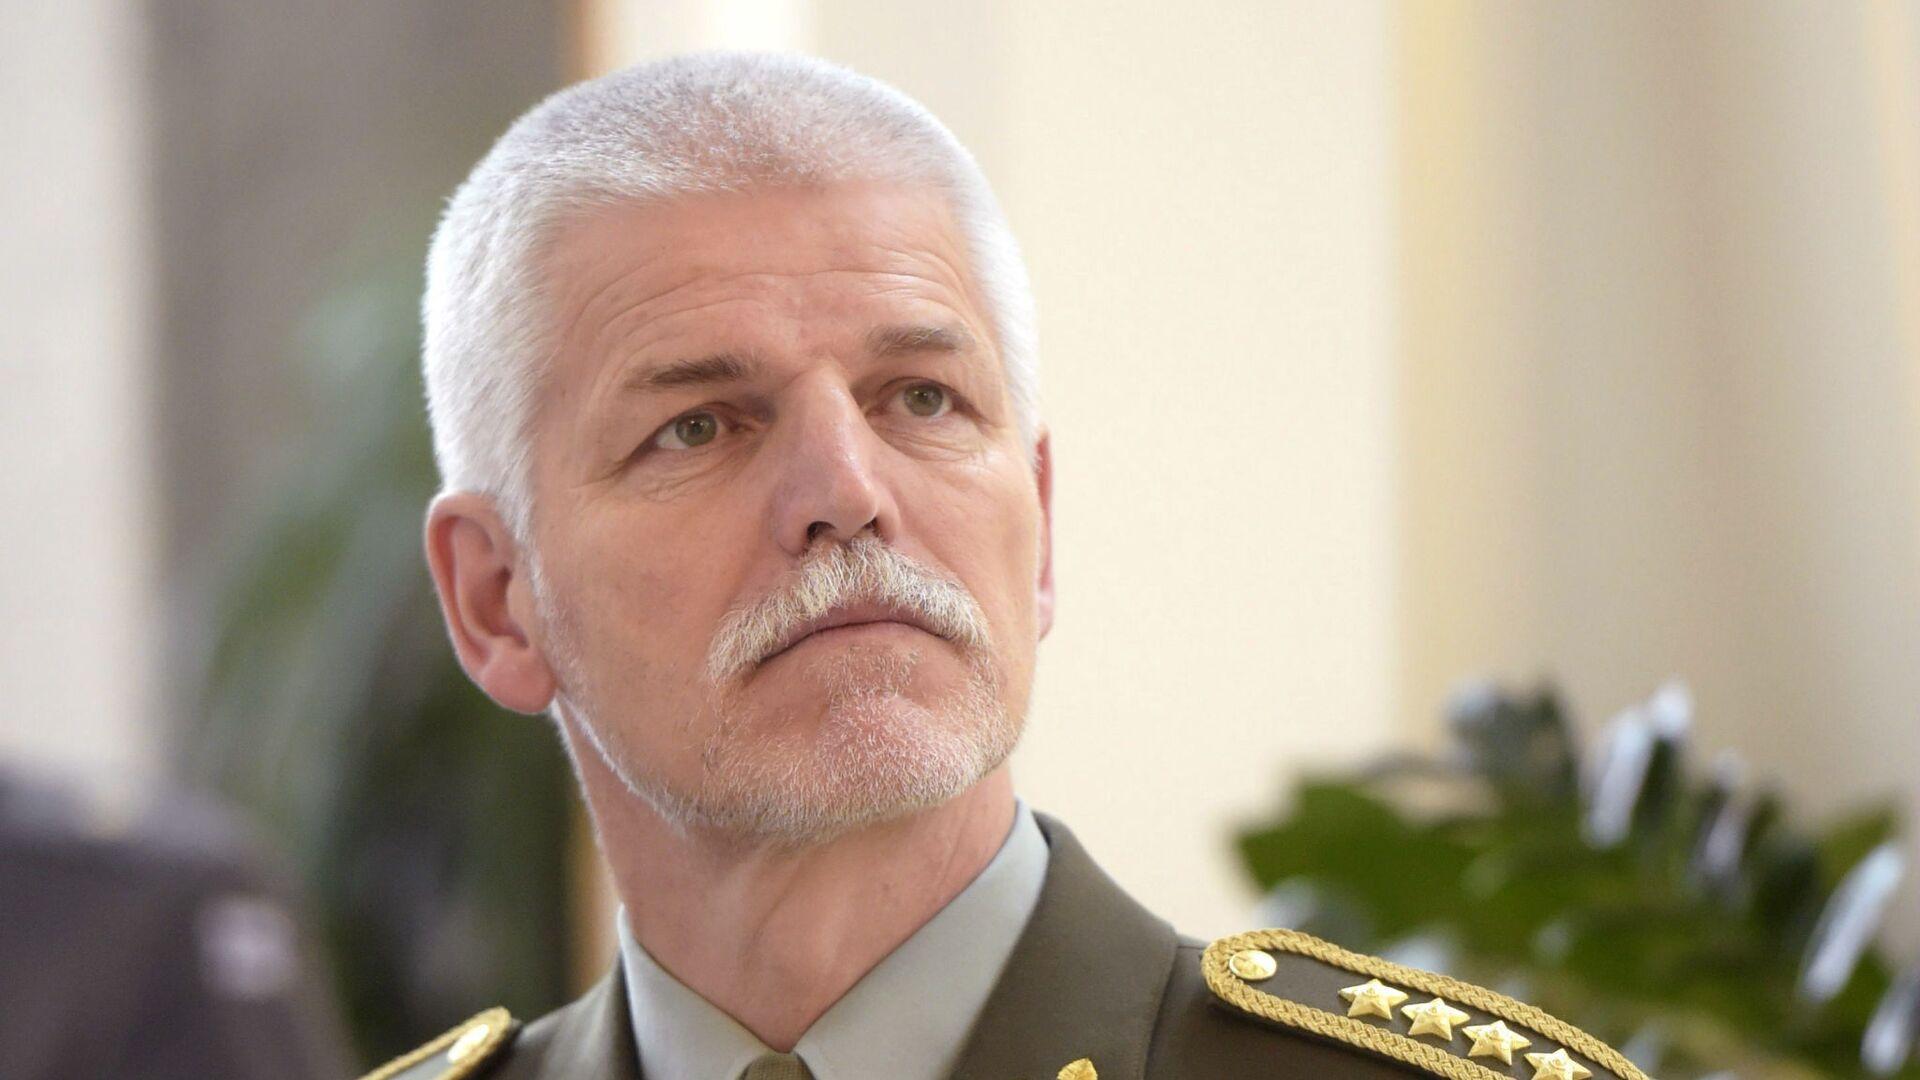 Generál Petr Pavel - Sputnik Česká republika, 1920, 13.08.2021